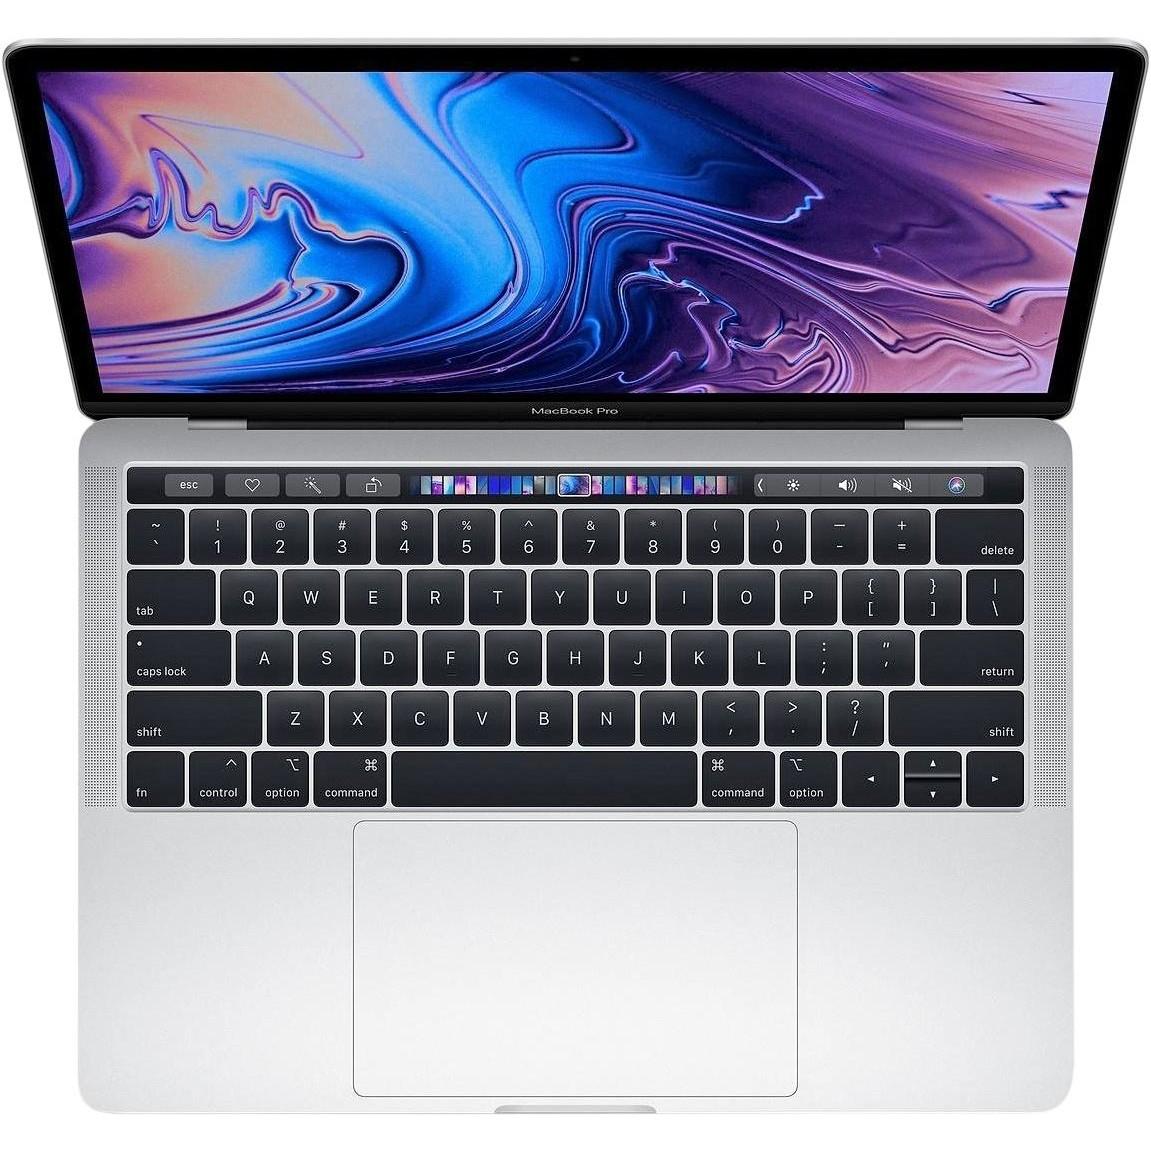 لپ تاپ 13 اینچی اپل مدل MacBook Pro CTO - B 2018 همراه با تاچ بار